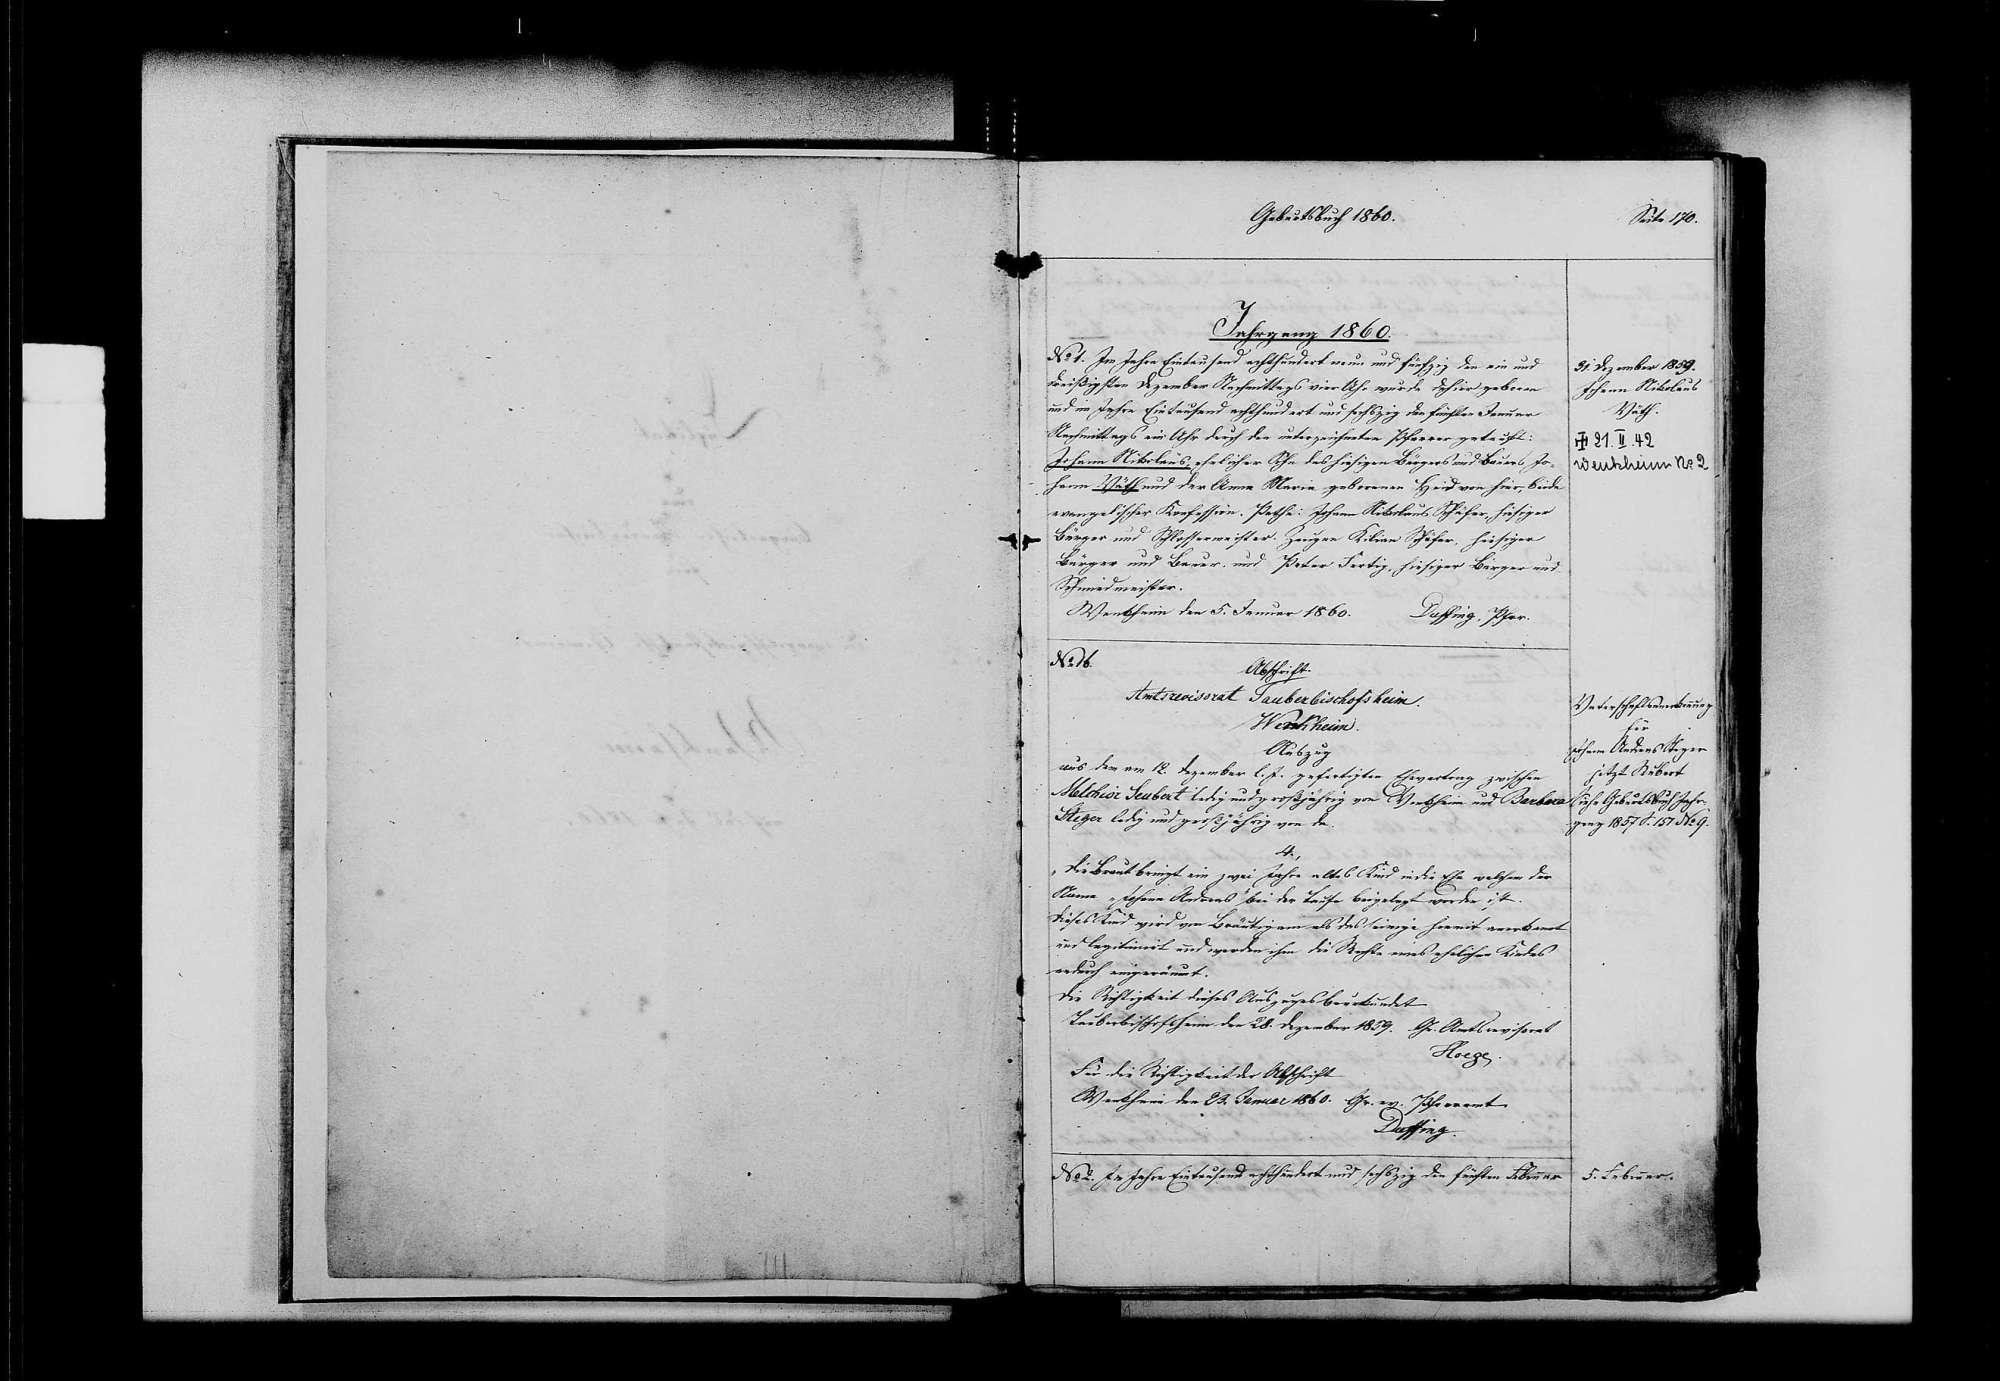 Wenkheim, evangelische, katholische und israelitische Gemeinde: Standesbuch 1860-1870, Bild 3